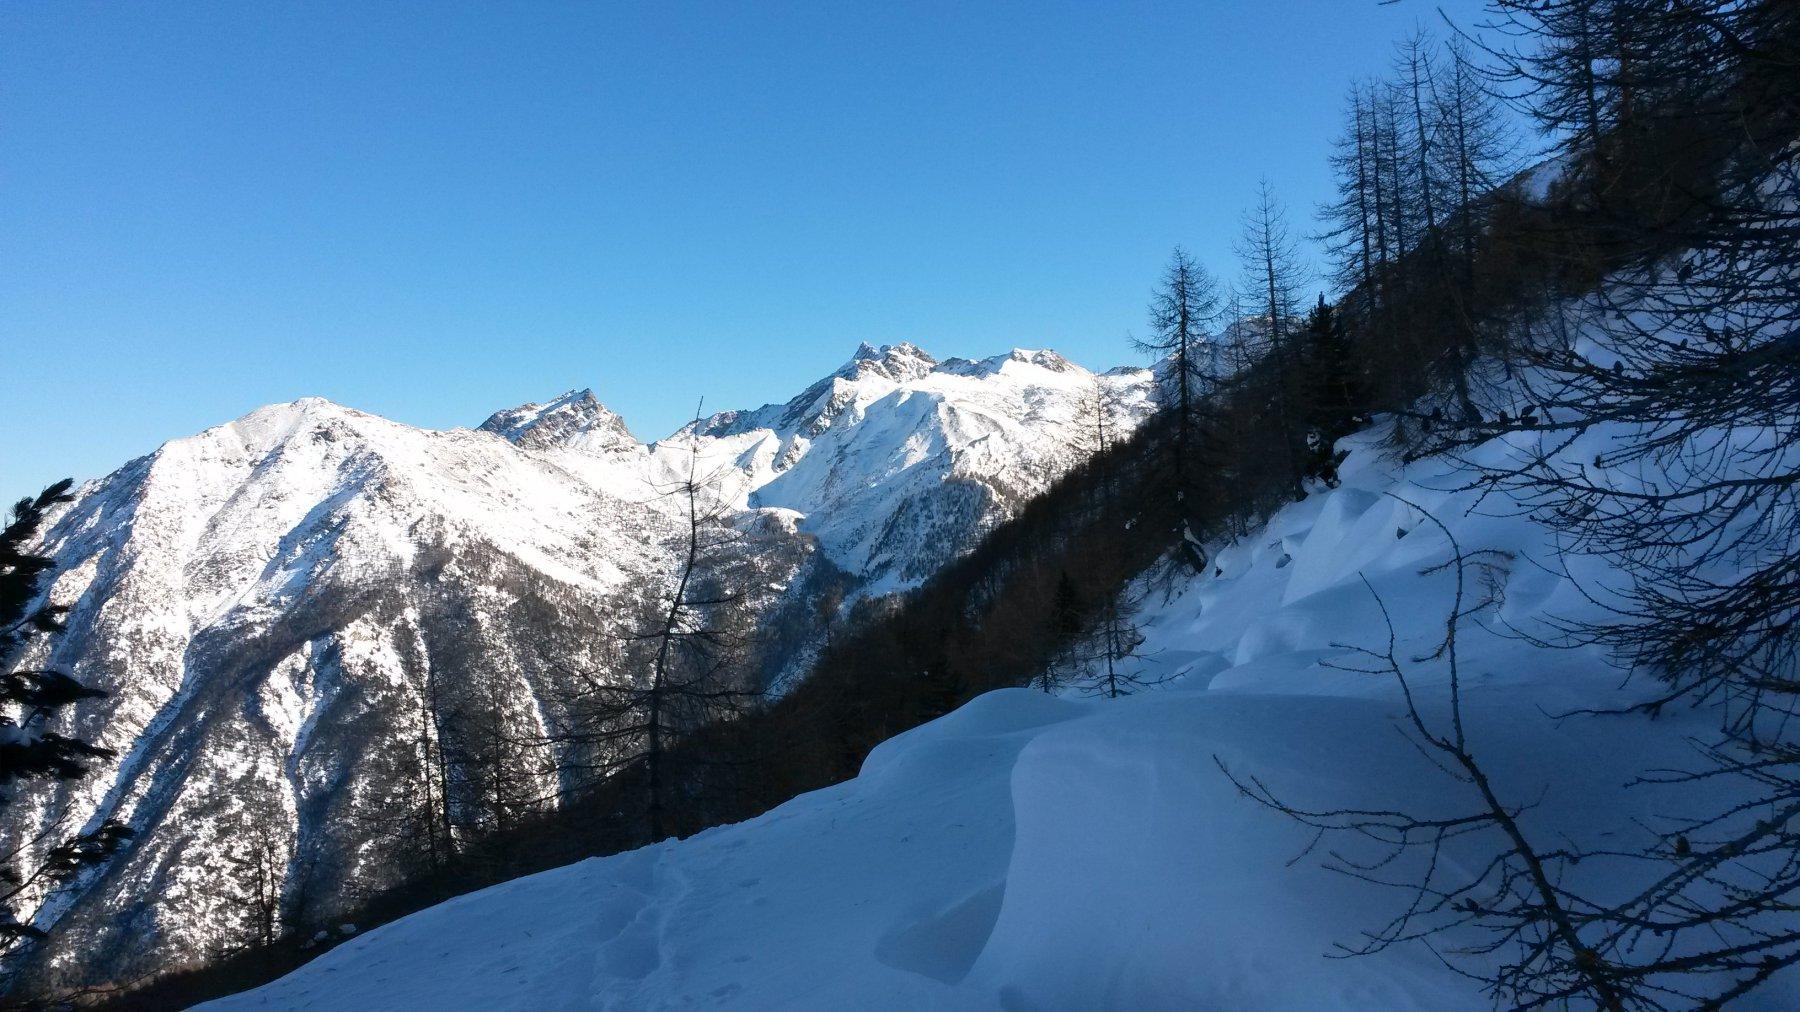 traversi ripidi nel rado bosco sopra l'Alpe Corquet (dietro di noi le montagne del versante orientale della Val Clavité)